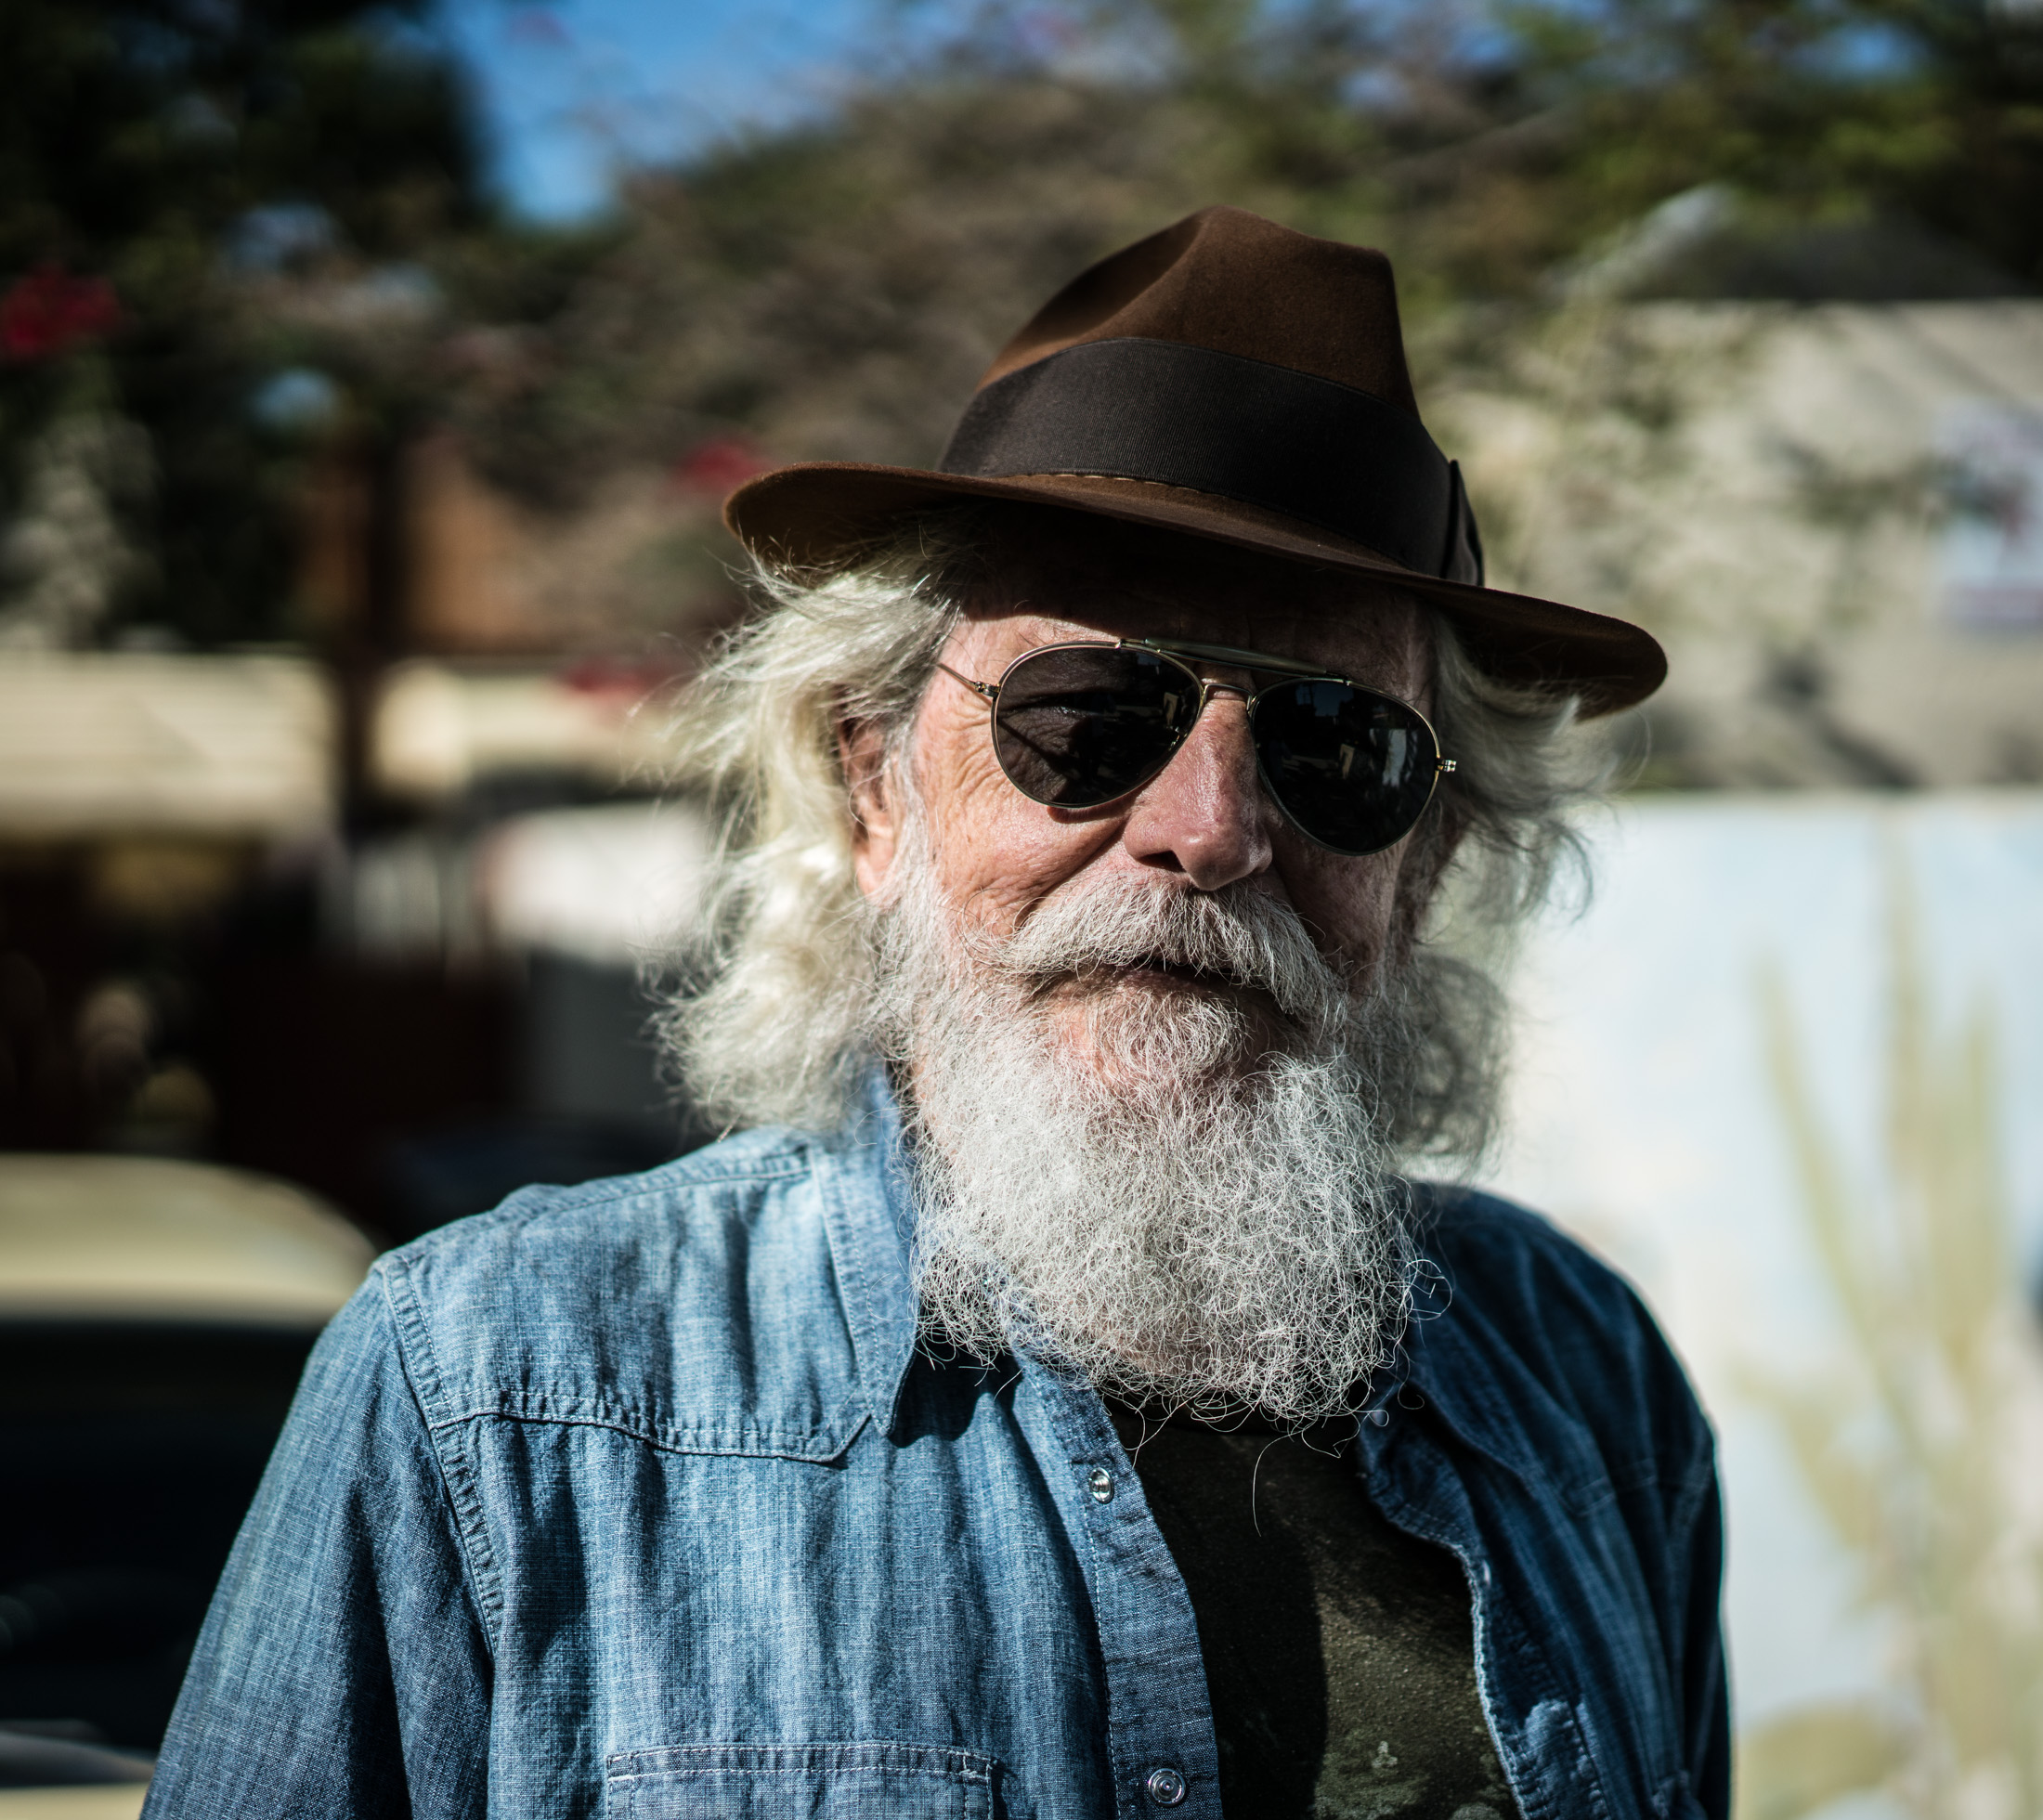 USA, Portraits, Loas Angeles, beard